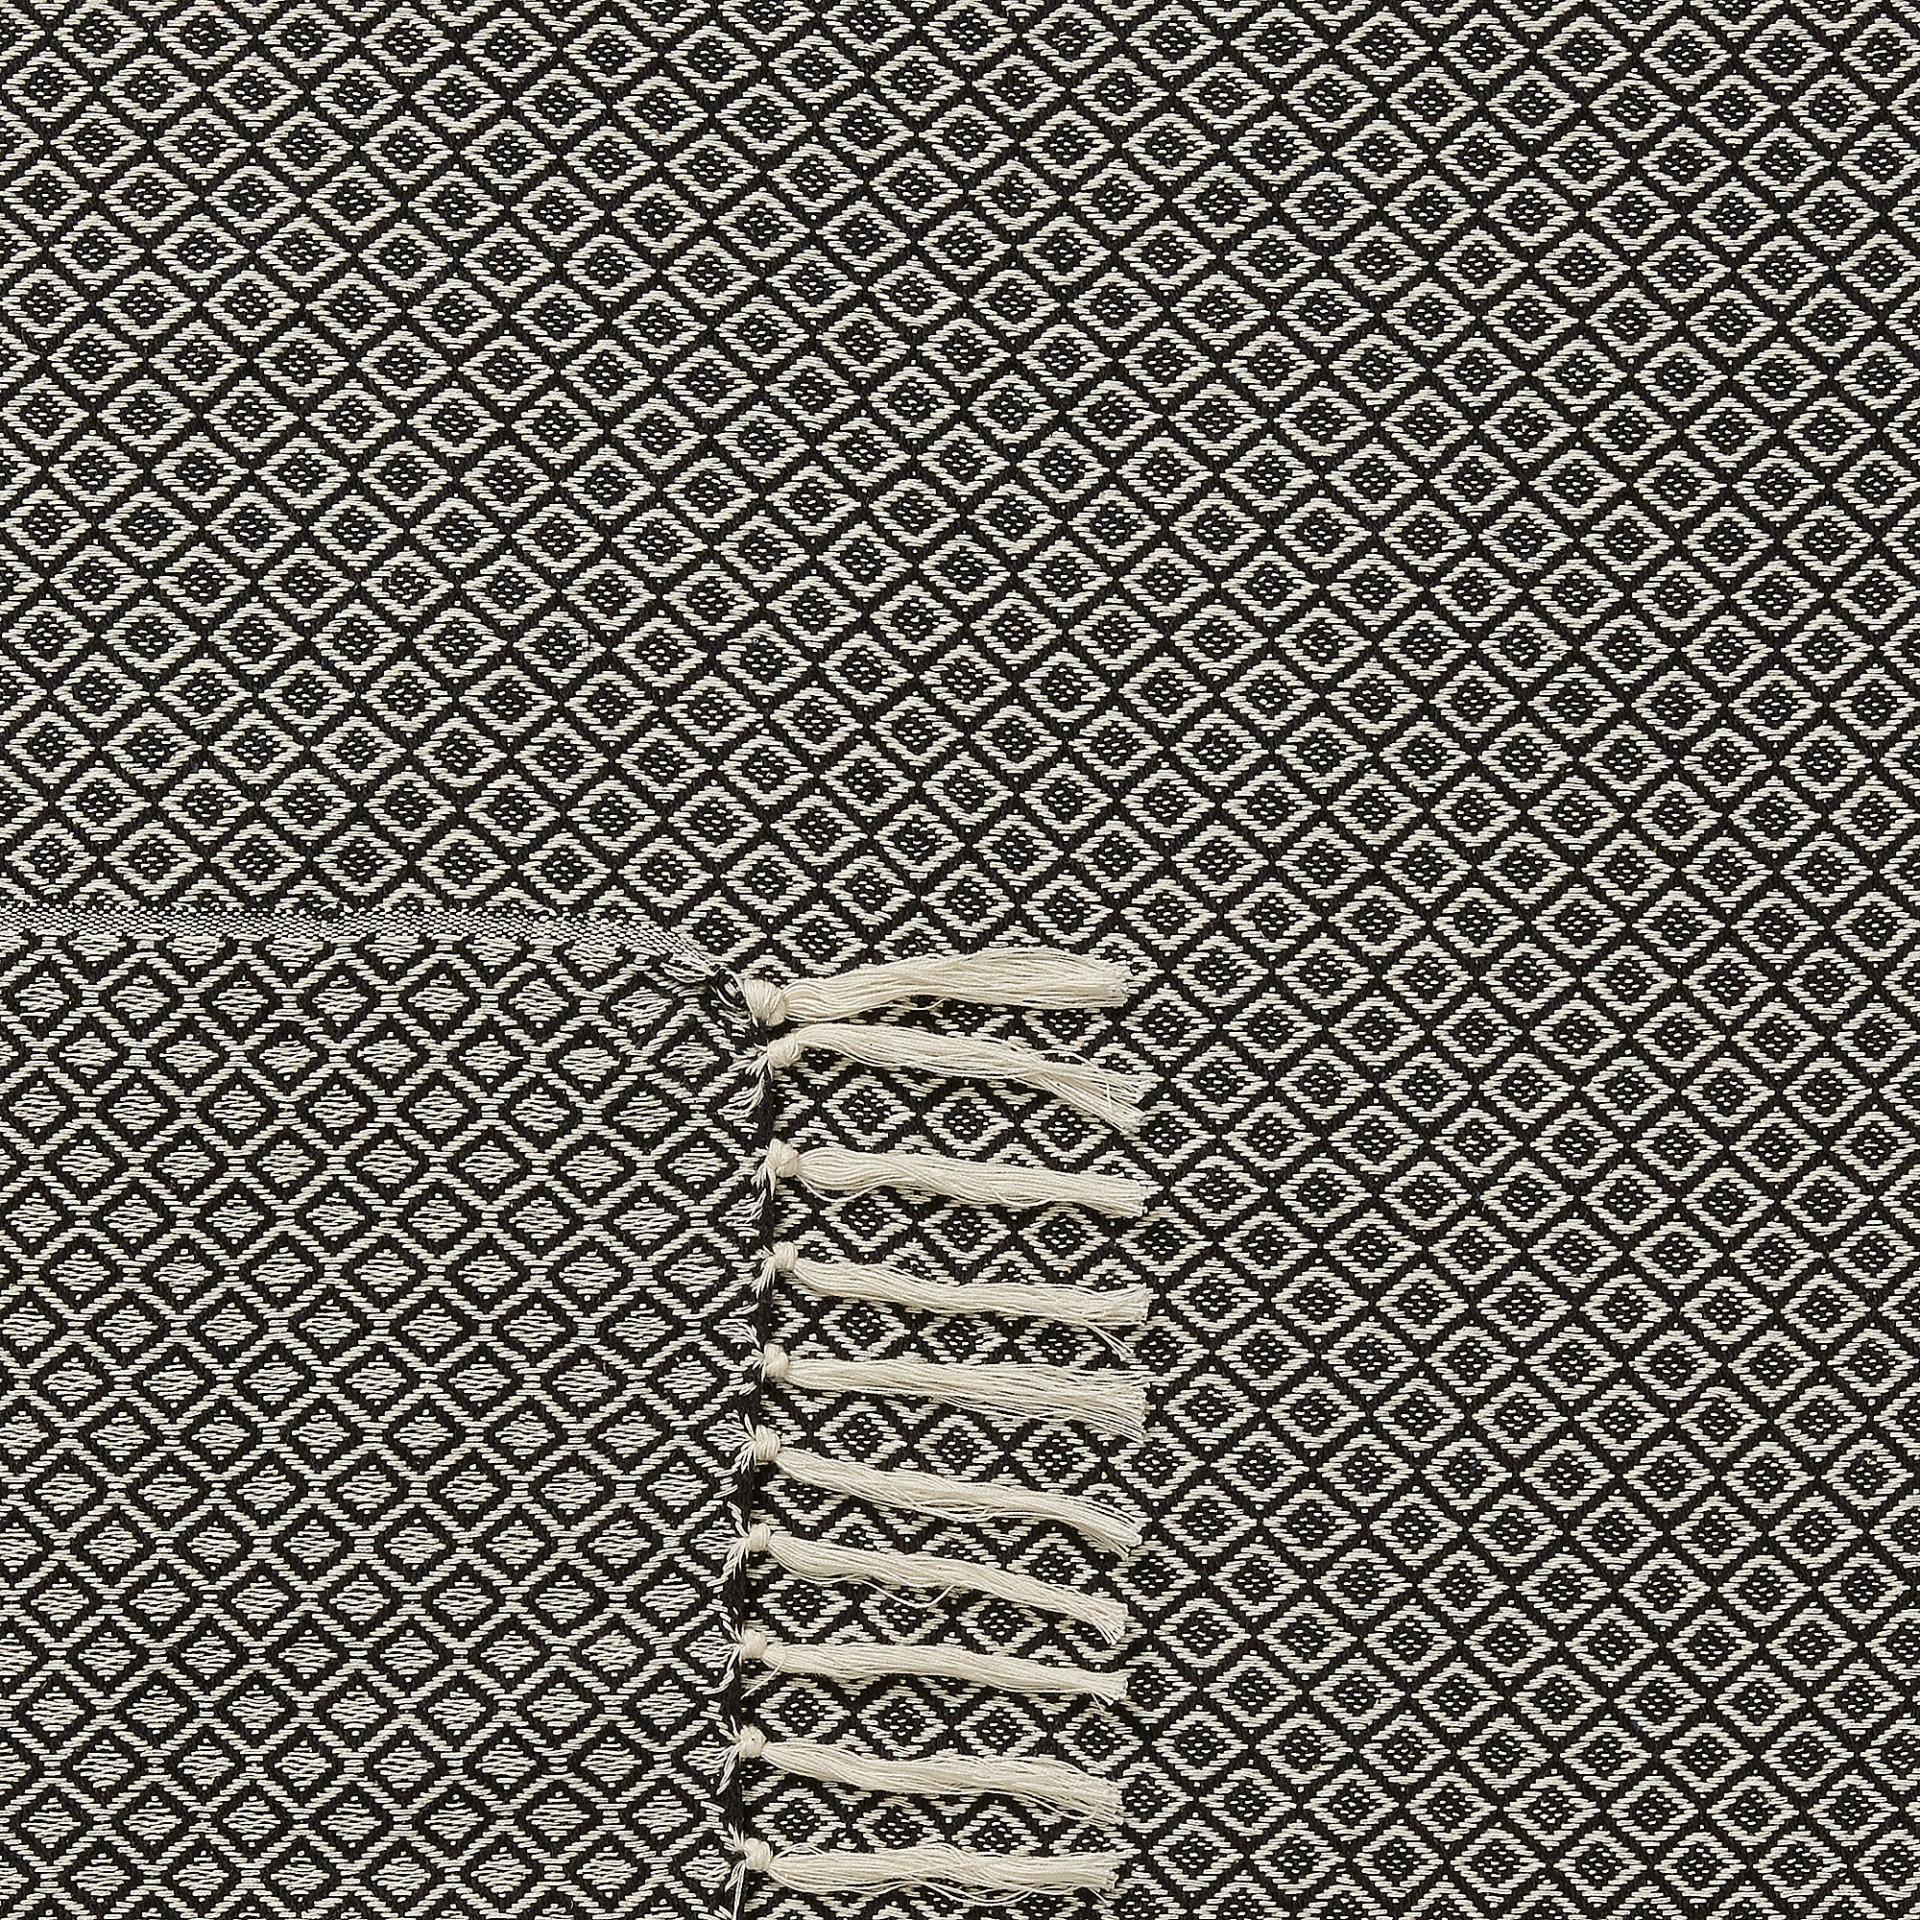 Manta c/franjas, algodão, preto/bege, 130x170 cm